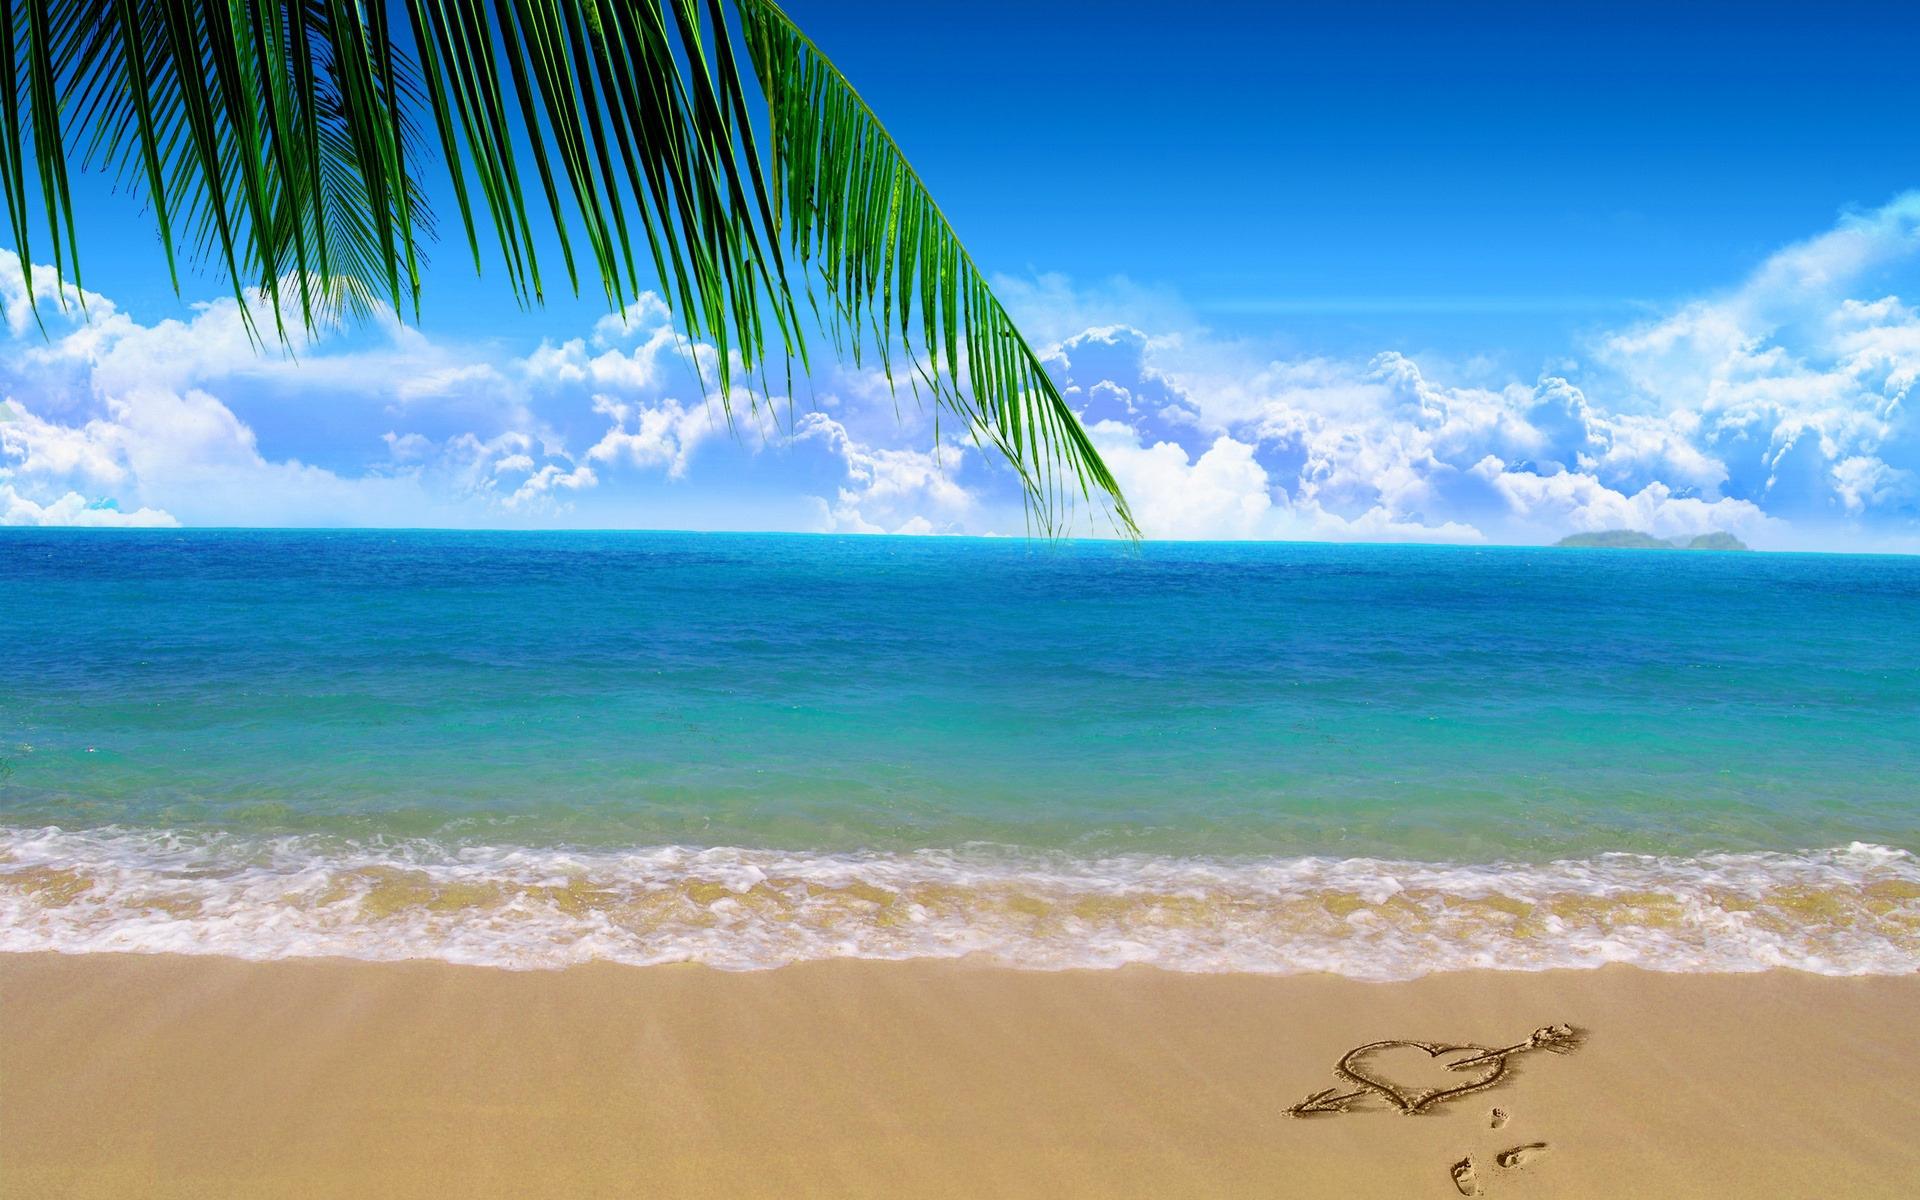 33832壁紙のダウンロード風景, 海, ビーチ-スクリーンセーバーと写真を無料で